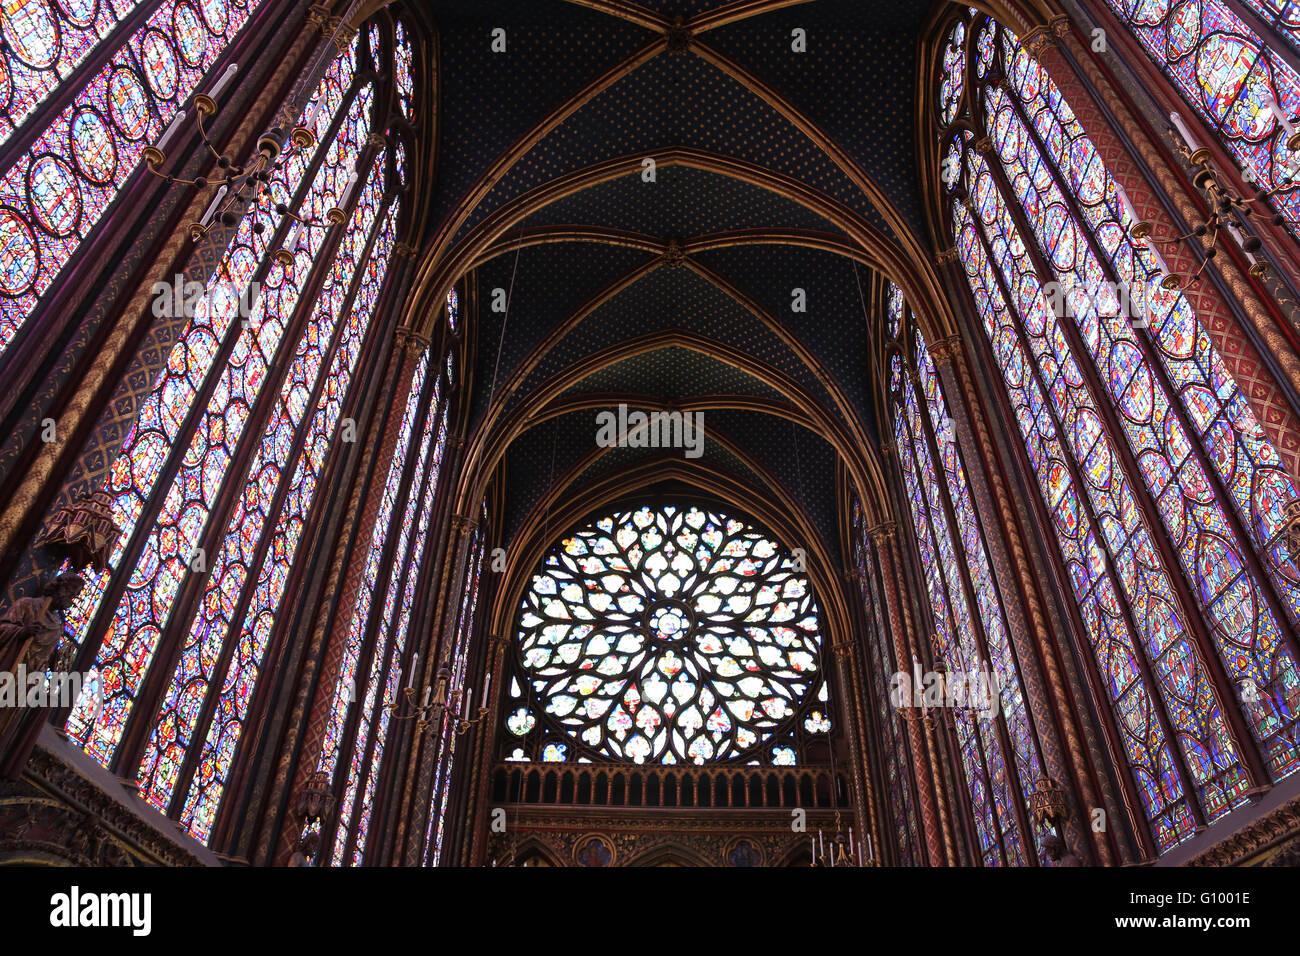 Las vidrieras. La capilla superior de la Sainte-Chapelle (la Santa Capilla). 1248. París. Francia. El gótico. Imagen De Stock